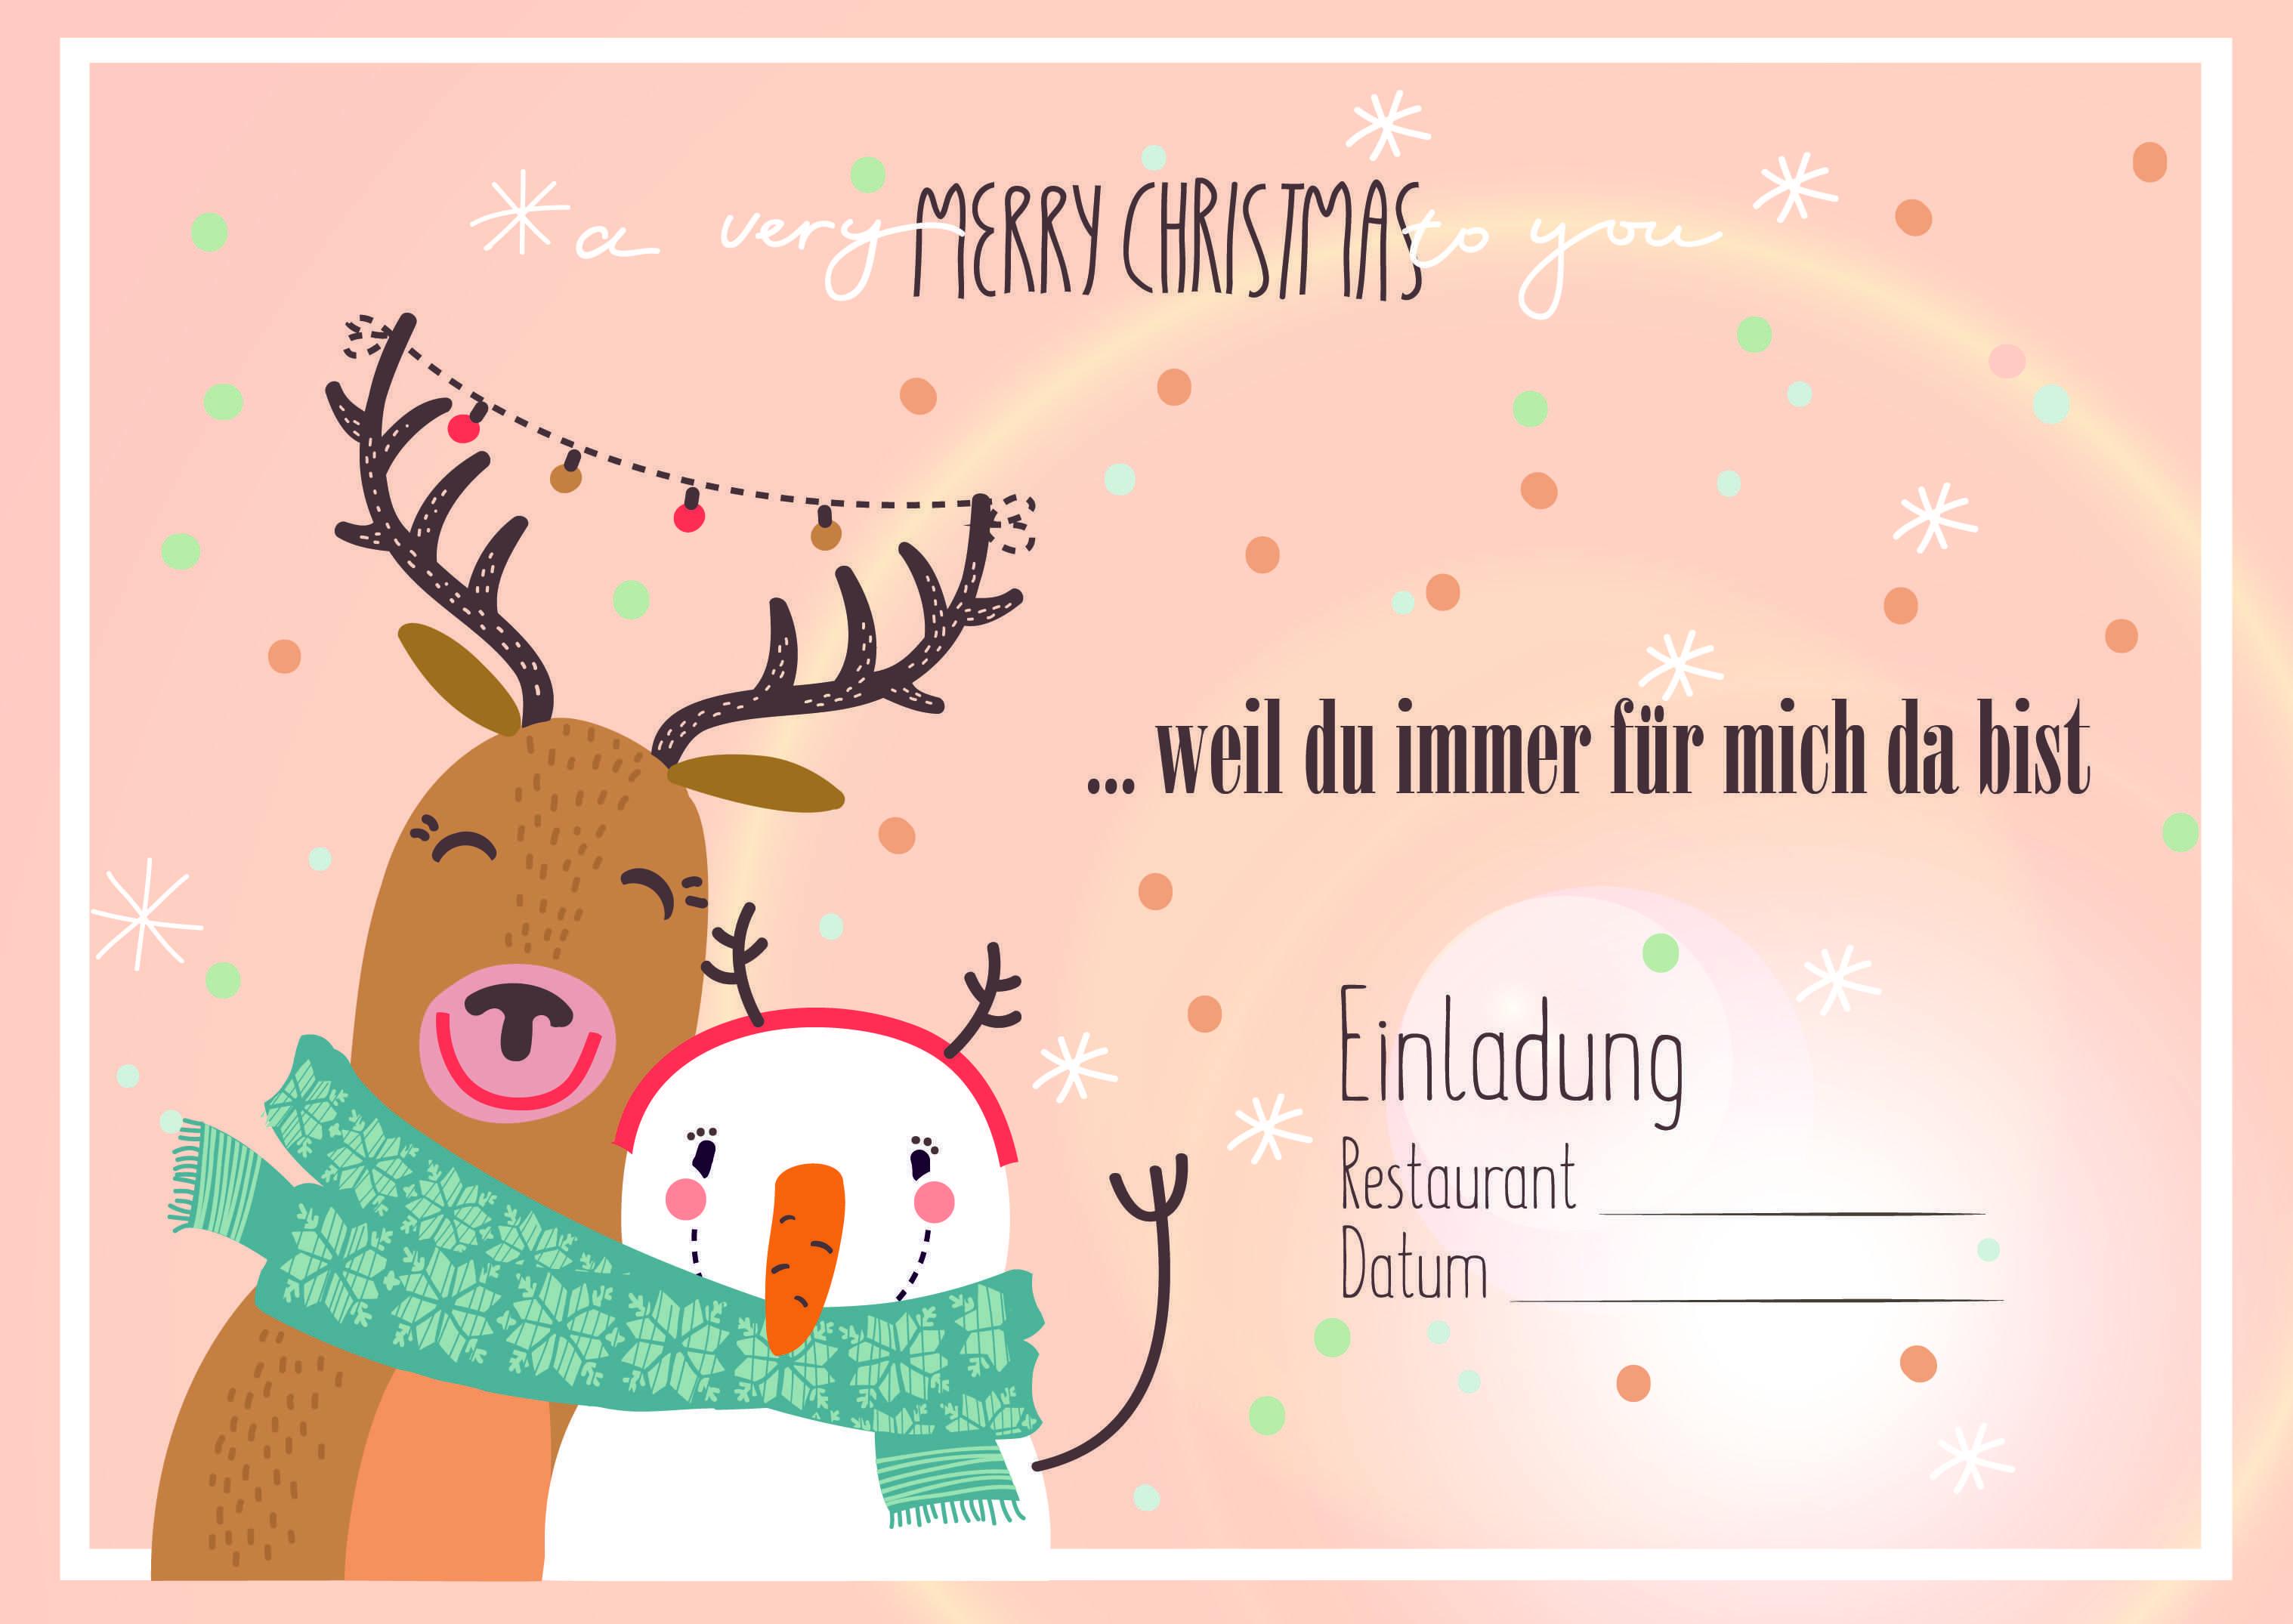 Ihr Sucht Noch Ein Geschenk Fur Weihnachten Unser Restauran Gutscheine Vorlagen Kostenlos Ausdrucken Gutschein Vorlage Kostenlos Gutschein Vorlage Weihnachten